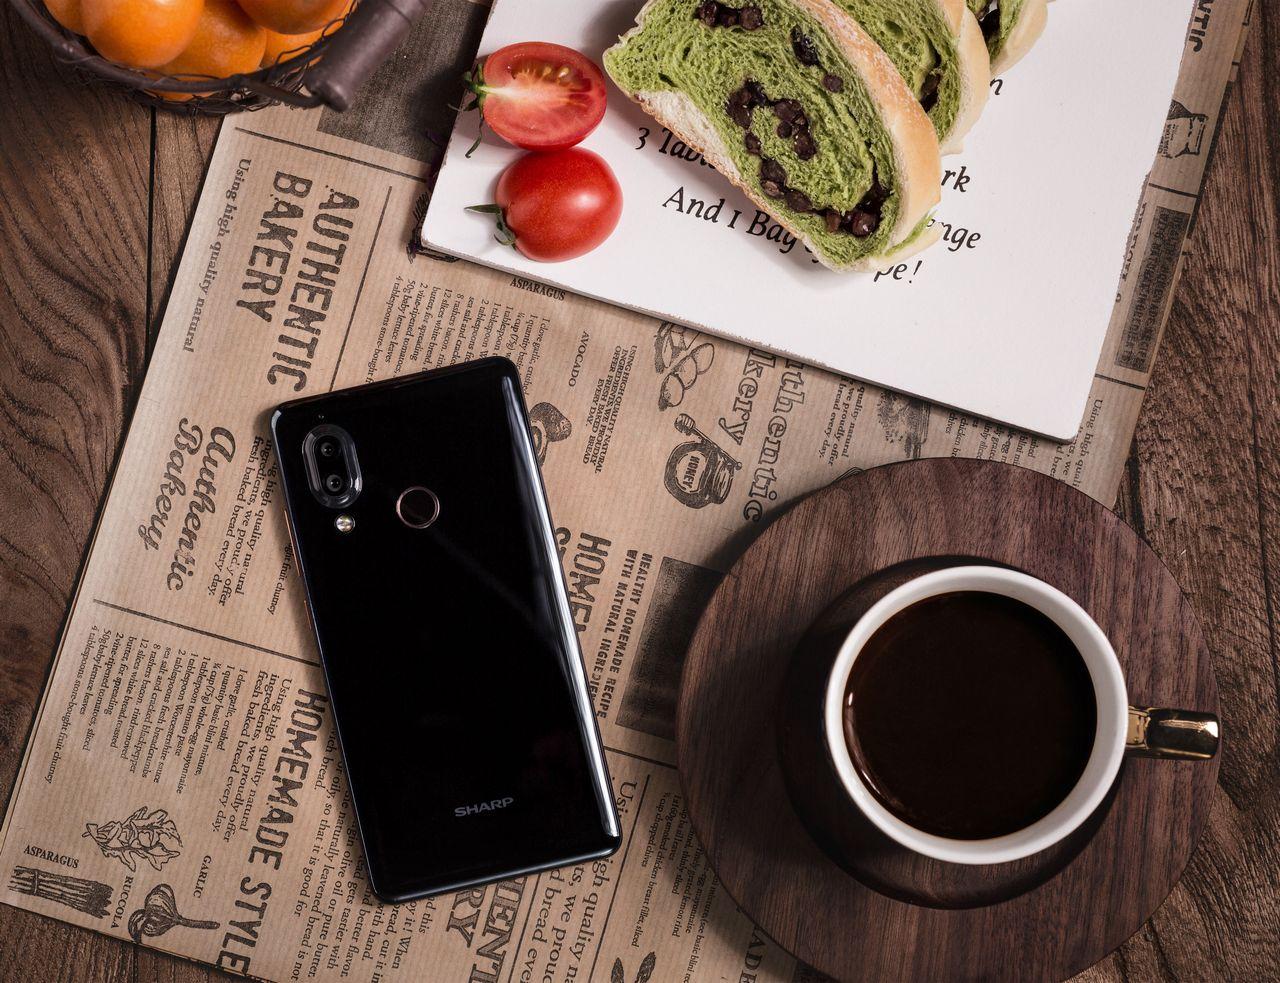 Sharp Aquos S3 với màn hình tai thỏ 6 inch, camera kép, Face ID sẽ ra mắt tại Việt Nam ngày 28/3